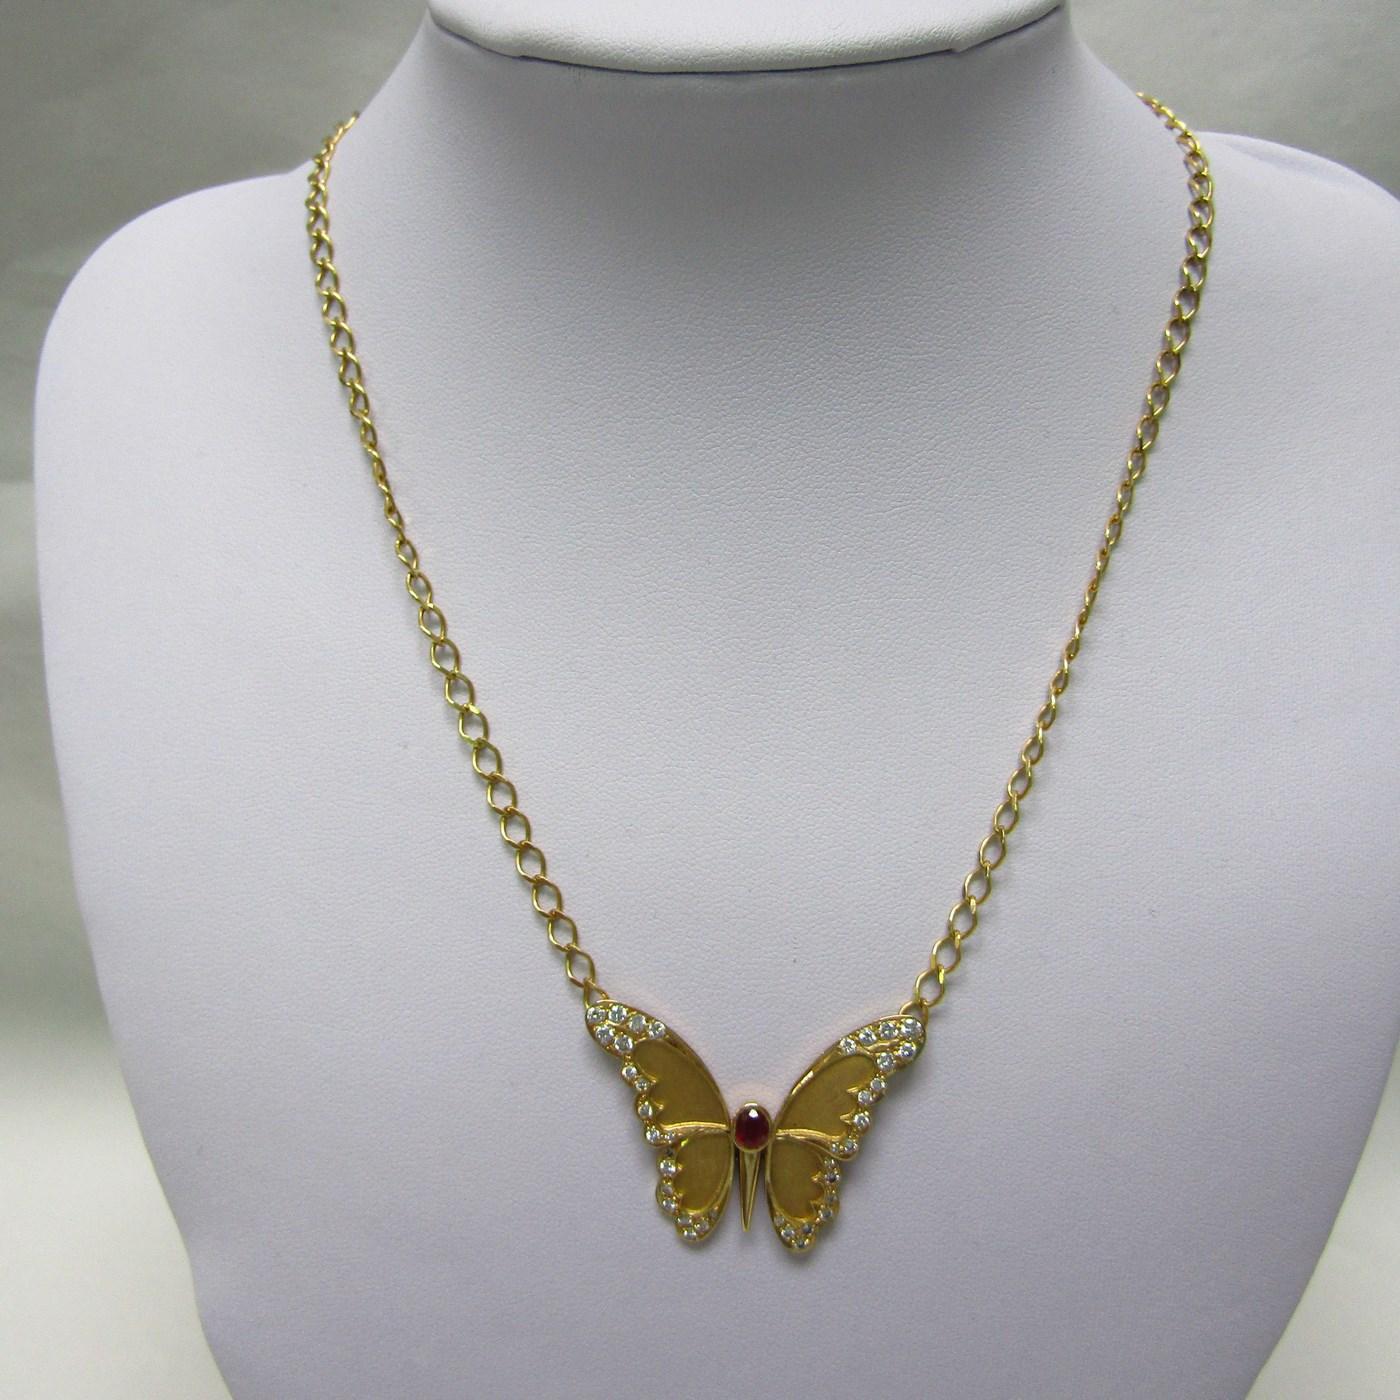 Cadena con colgante integrado, en Oro de 18k. en forma de Mariposa, con Rubí central de 0,60 ct. y 38 Diamantes talla Brillante de 1,10 ct. (I-J/SI1). 13,60 gr.